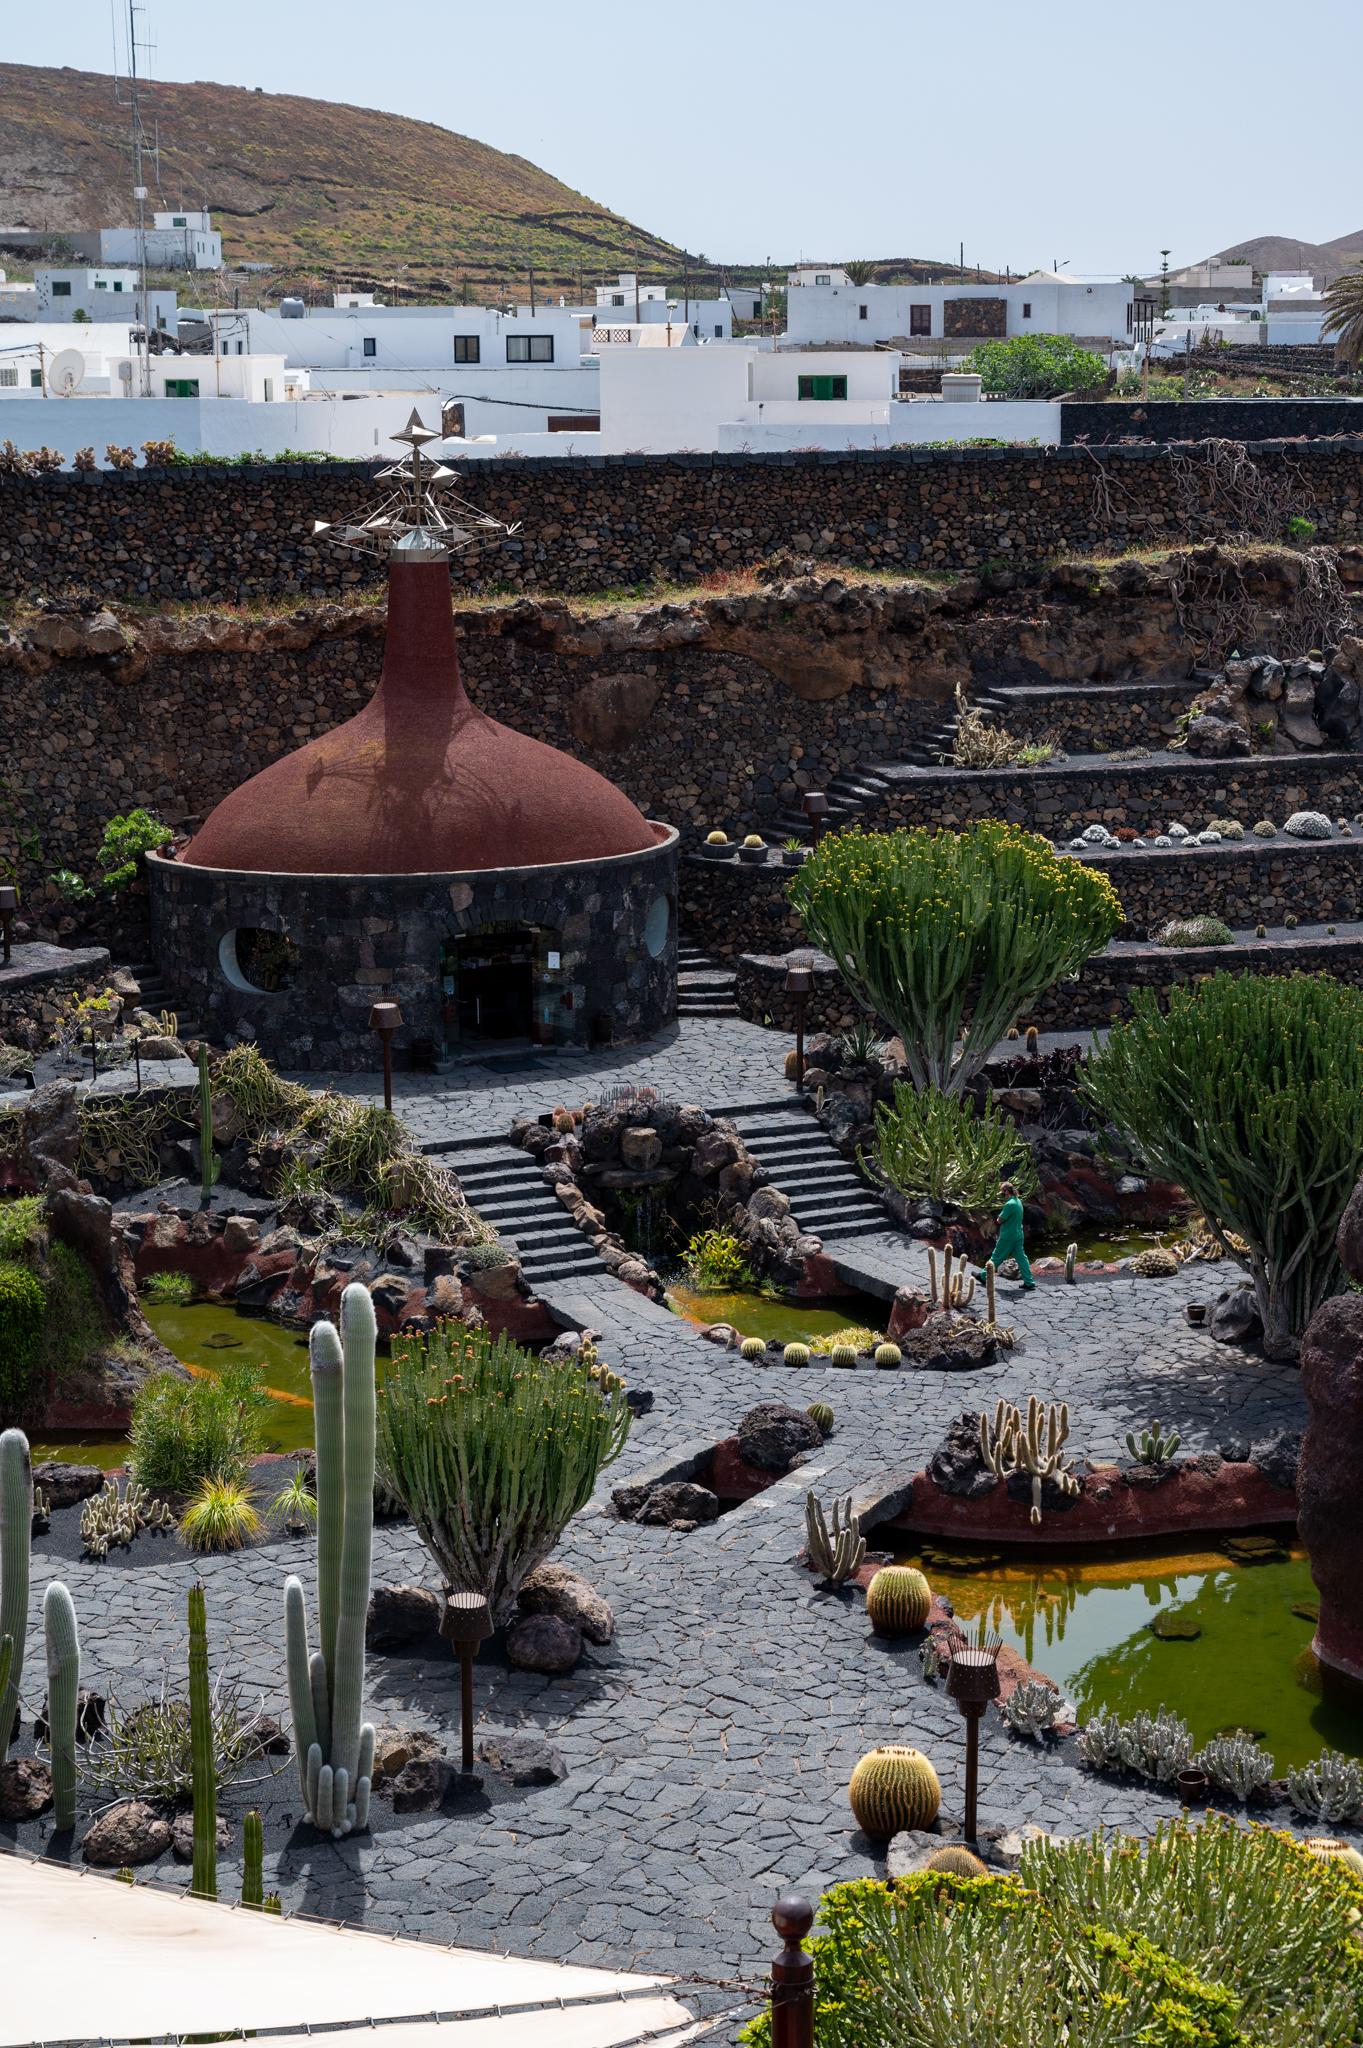 Blick auf den Garten vom Café aus